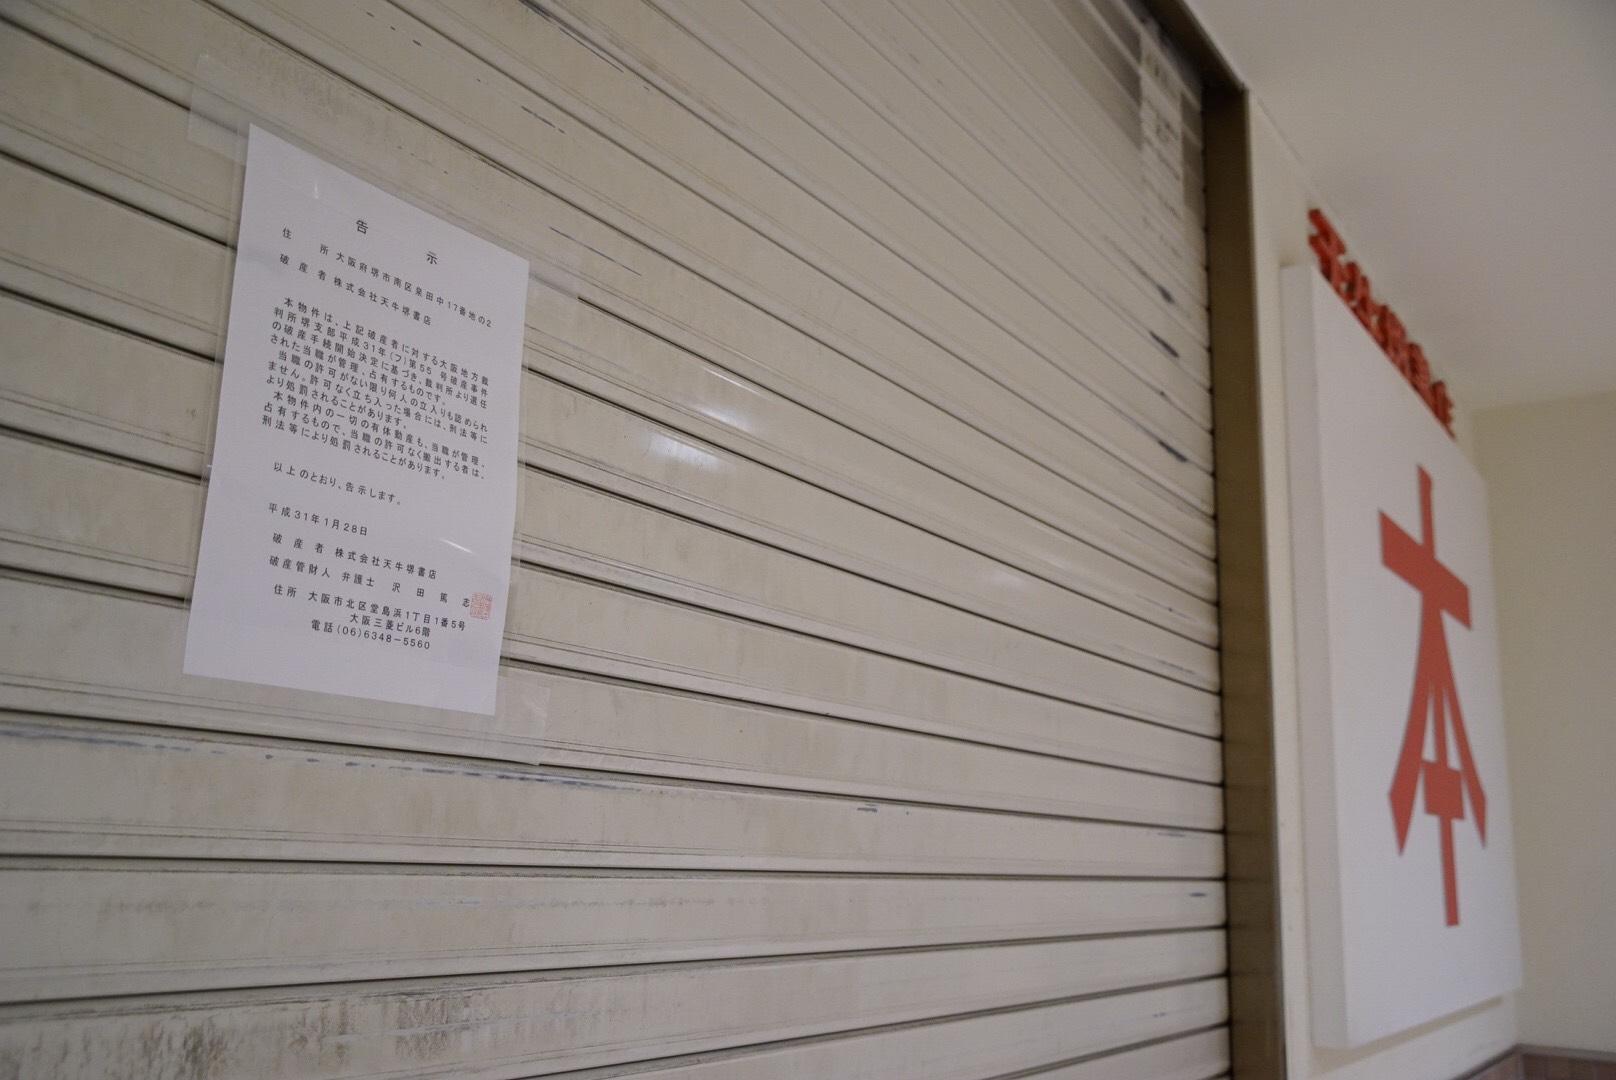 【速報】天牛堺書店、負債18億円を抱えて破産宣告。突如全店舗を閉鎖